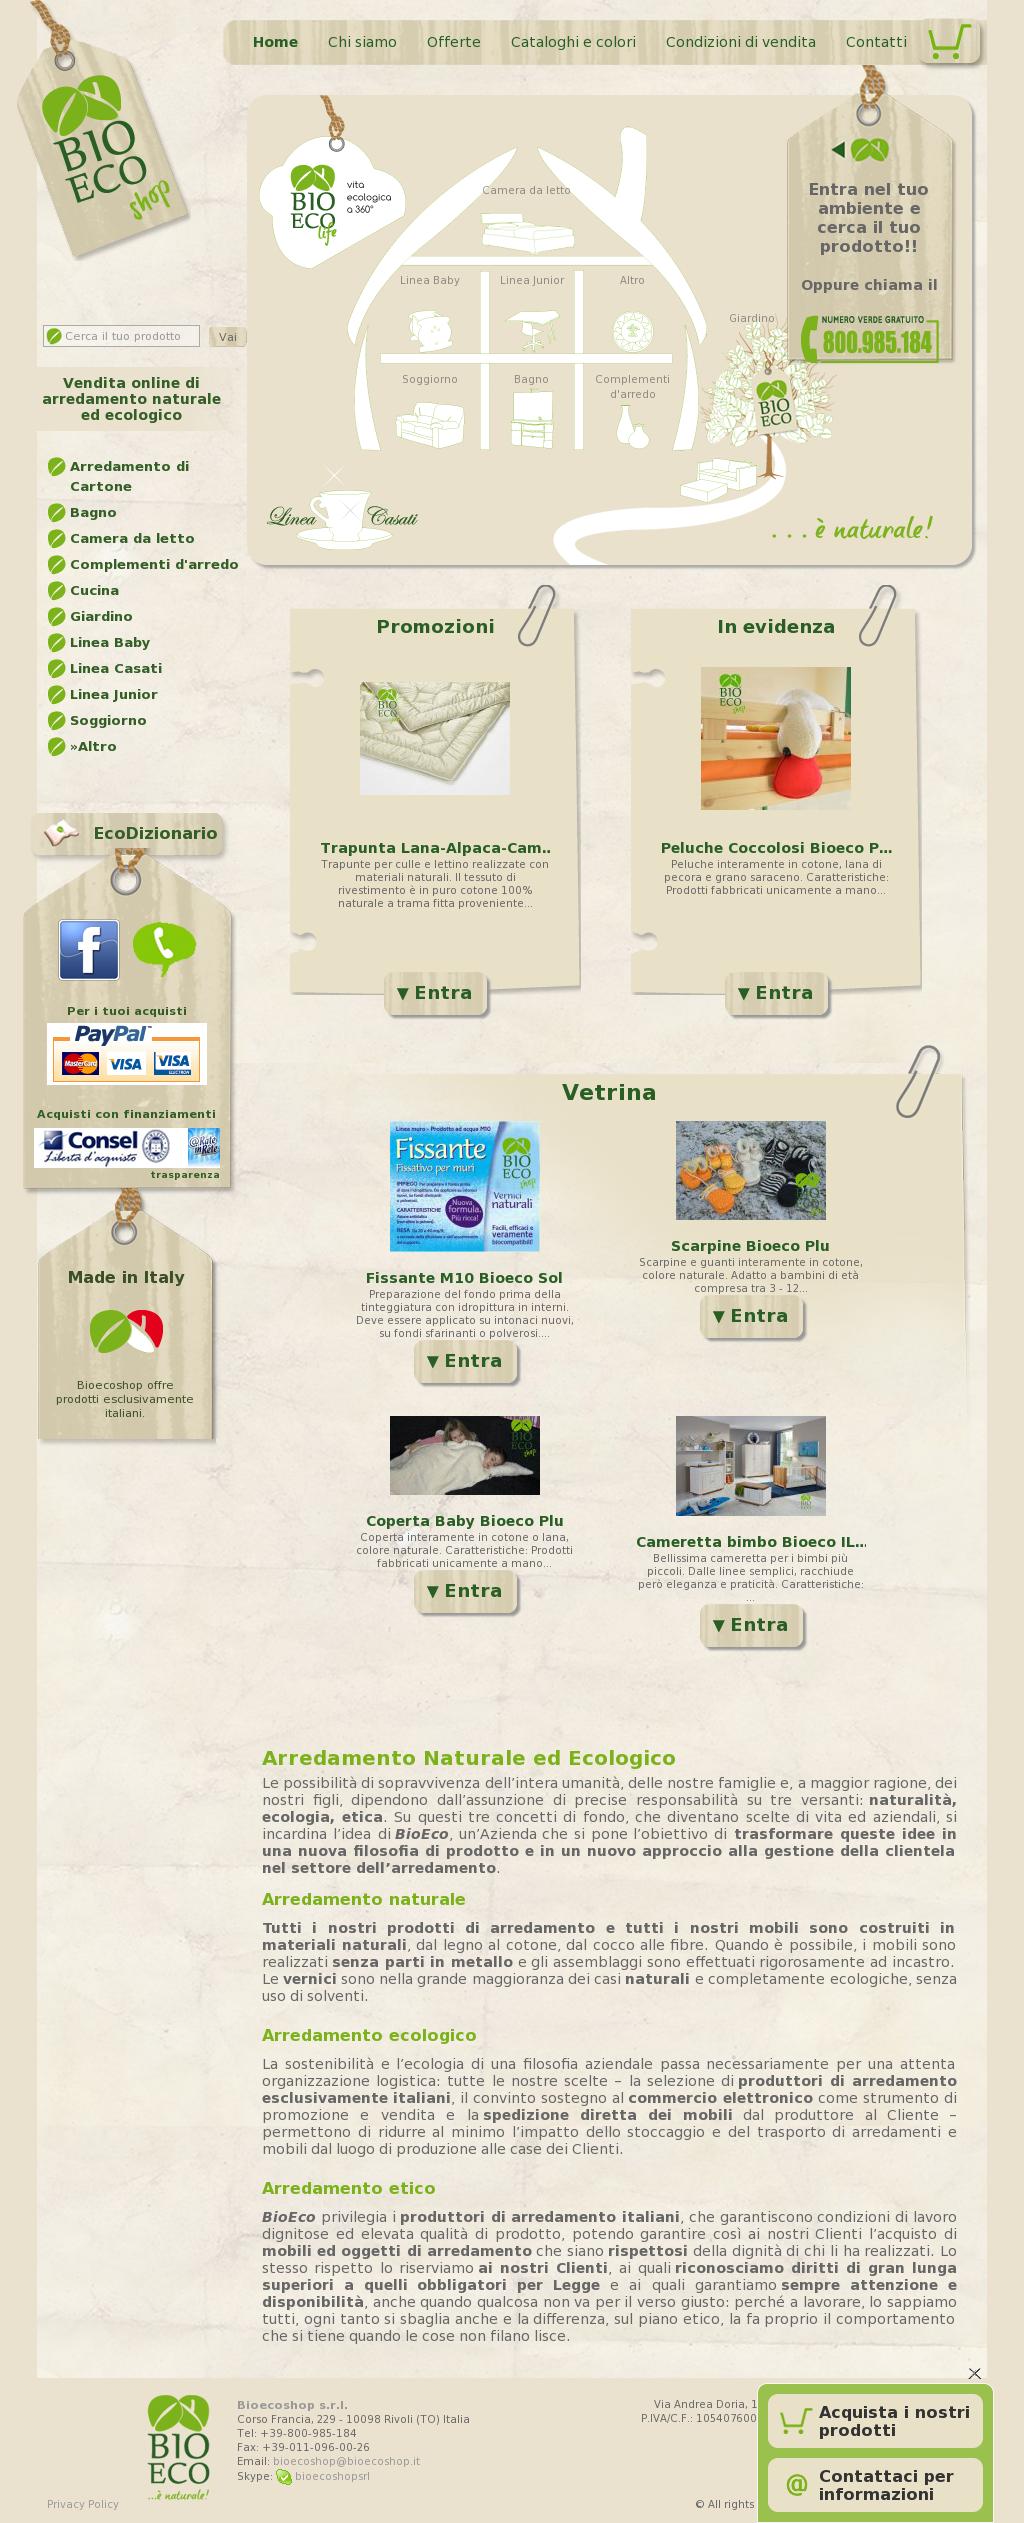 Produttori Complementi D Arredo.Bioecoshop Arredamento Ecologico E Naturale Competitors Revenue